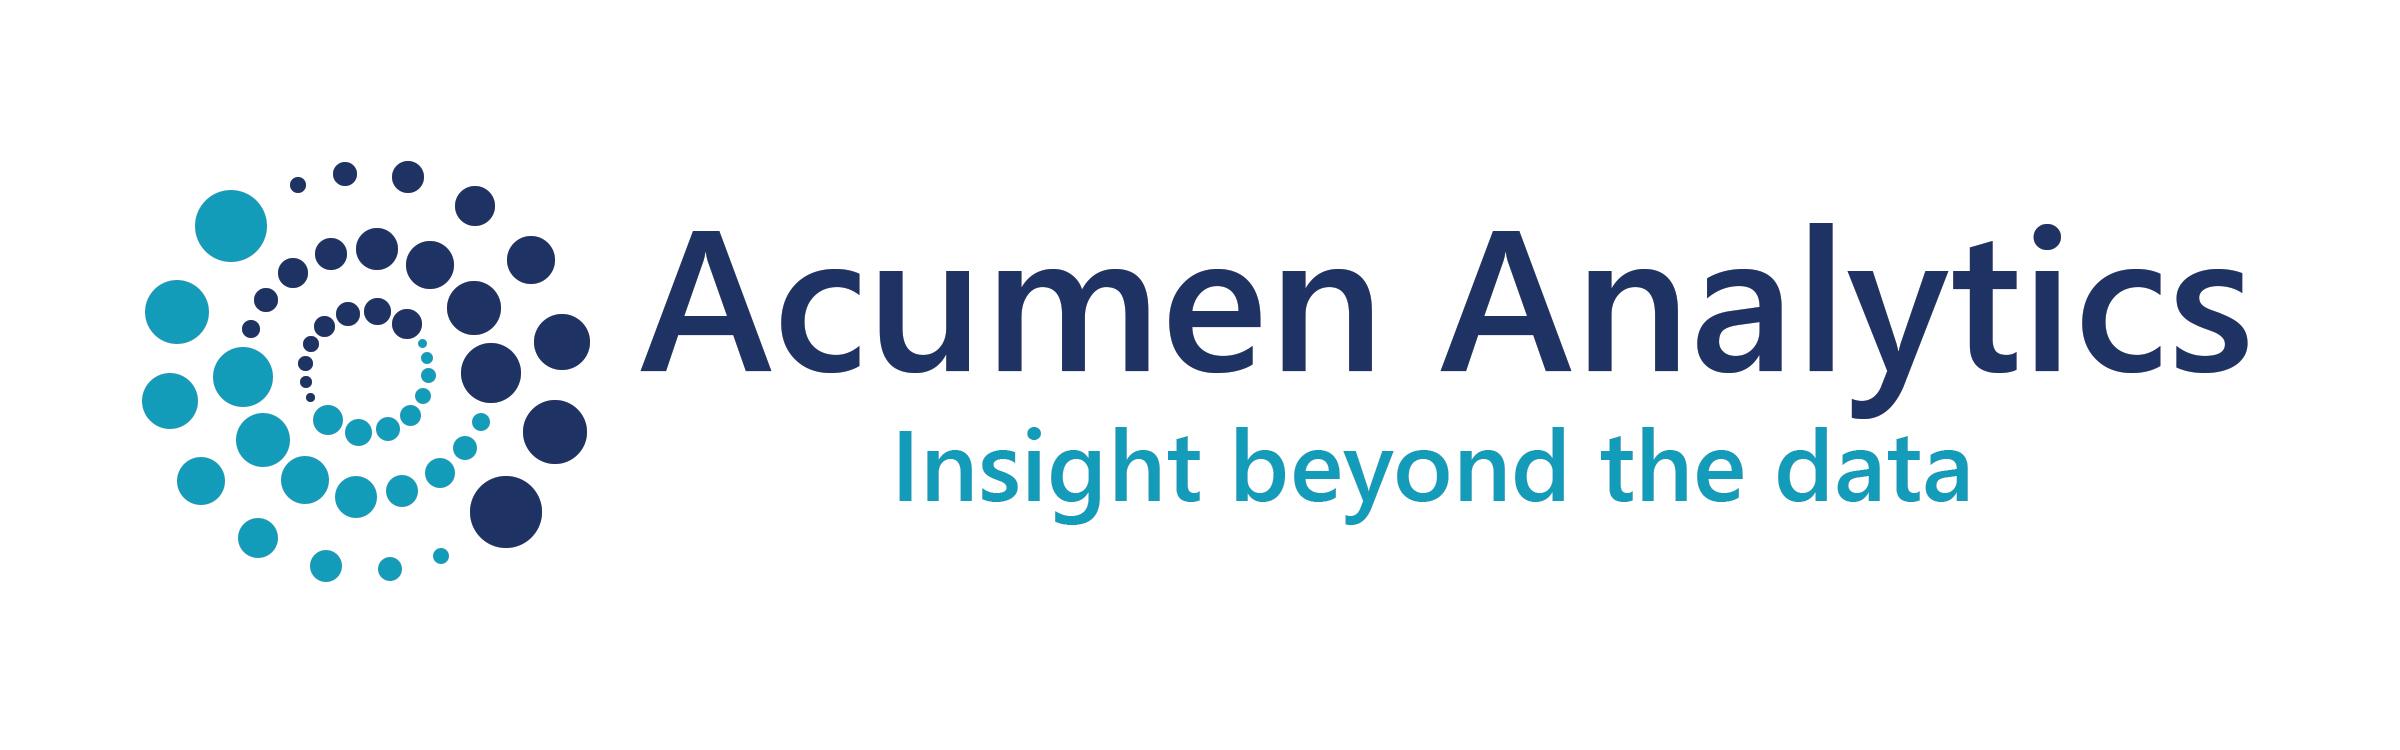 Acumen Analytics, Inc